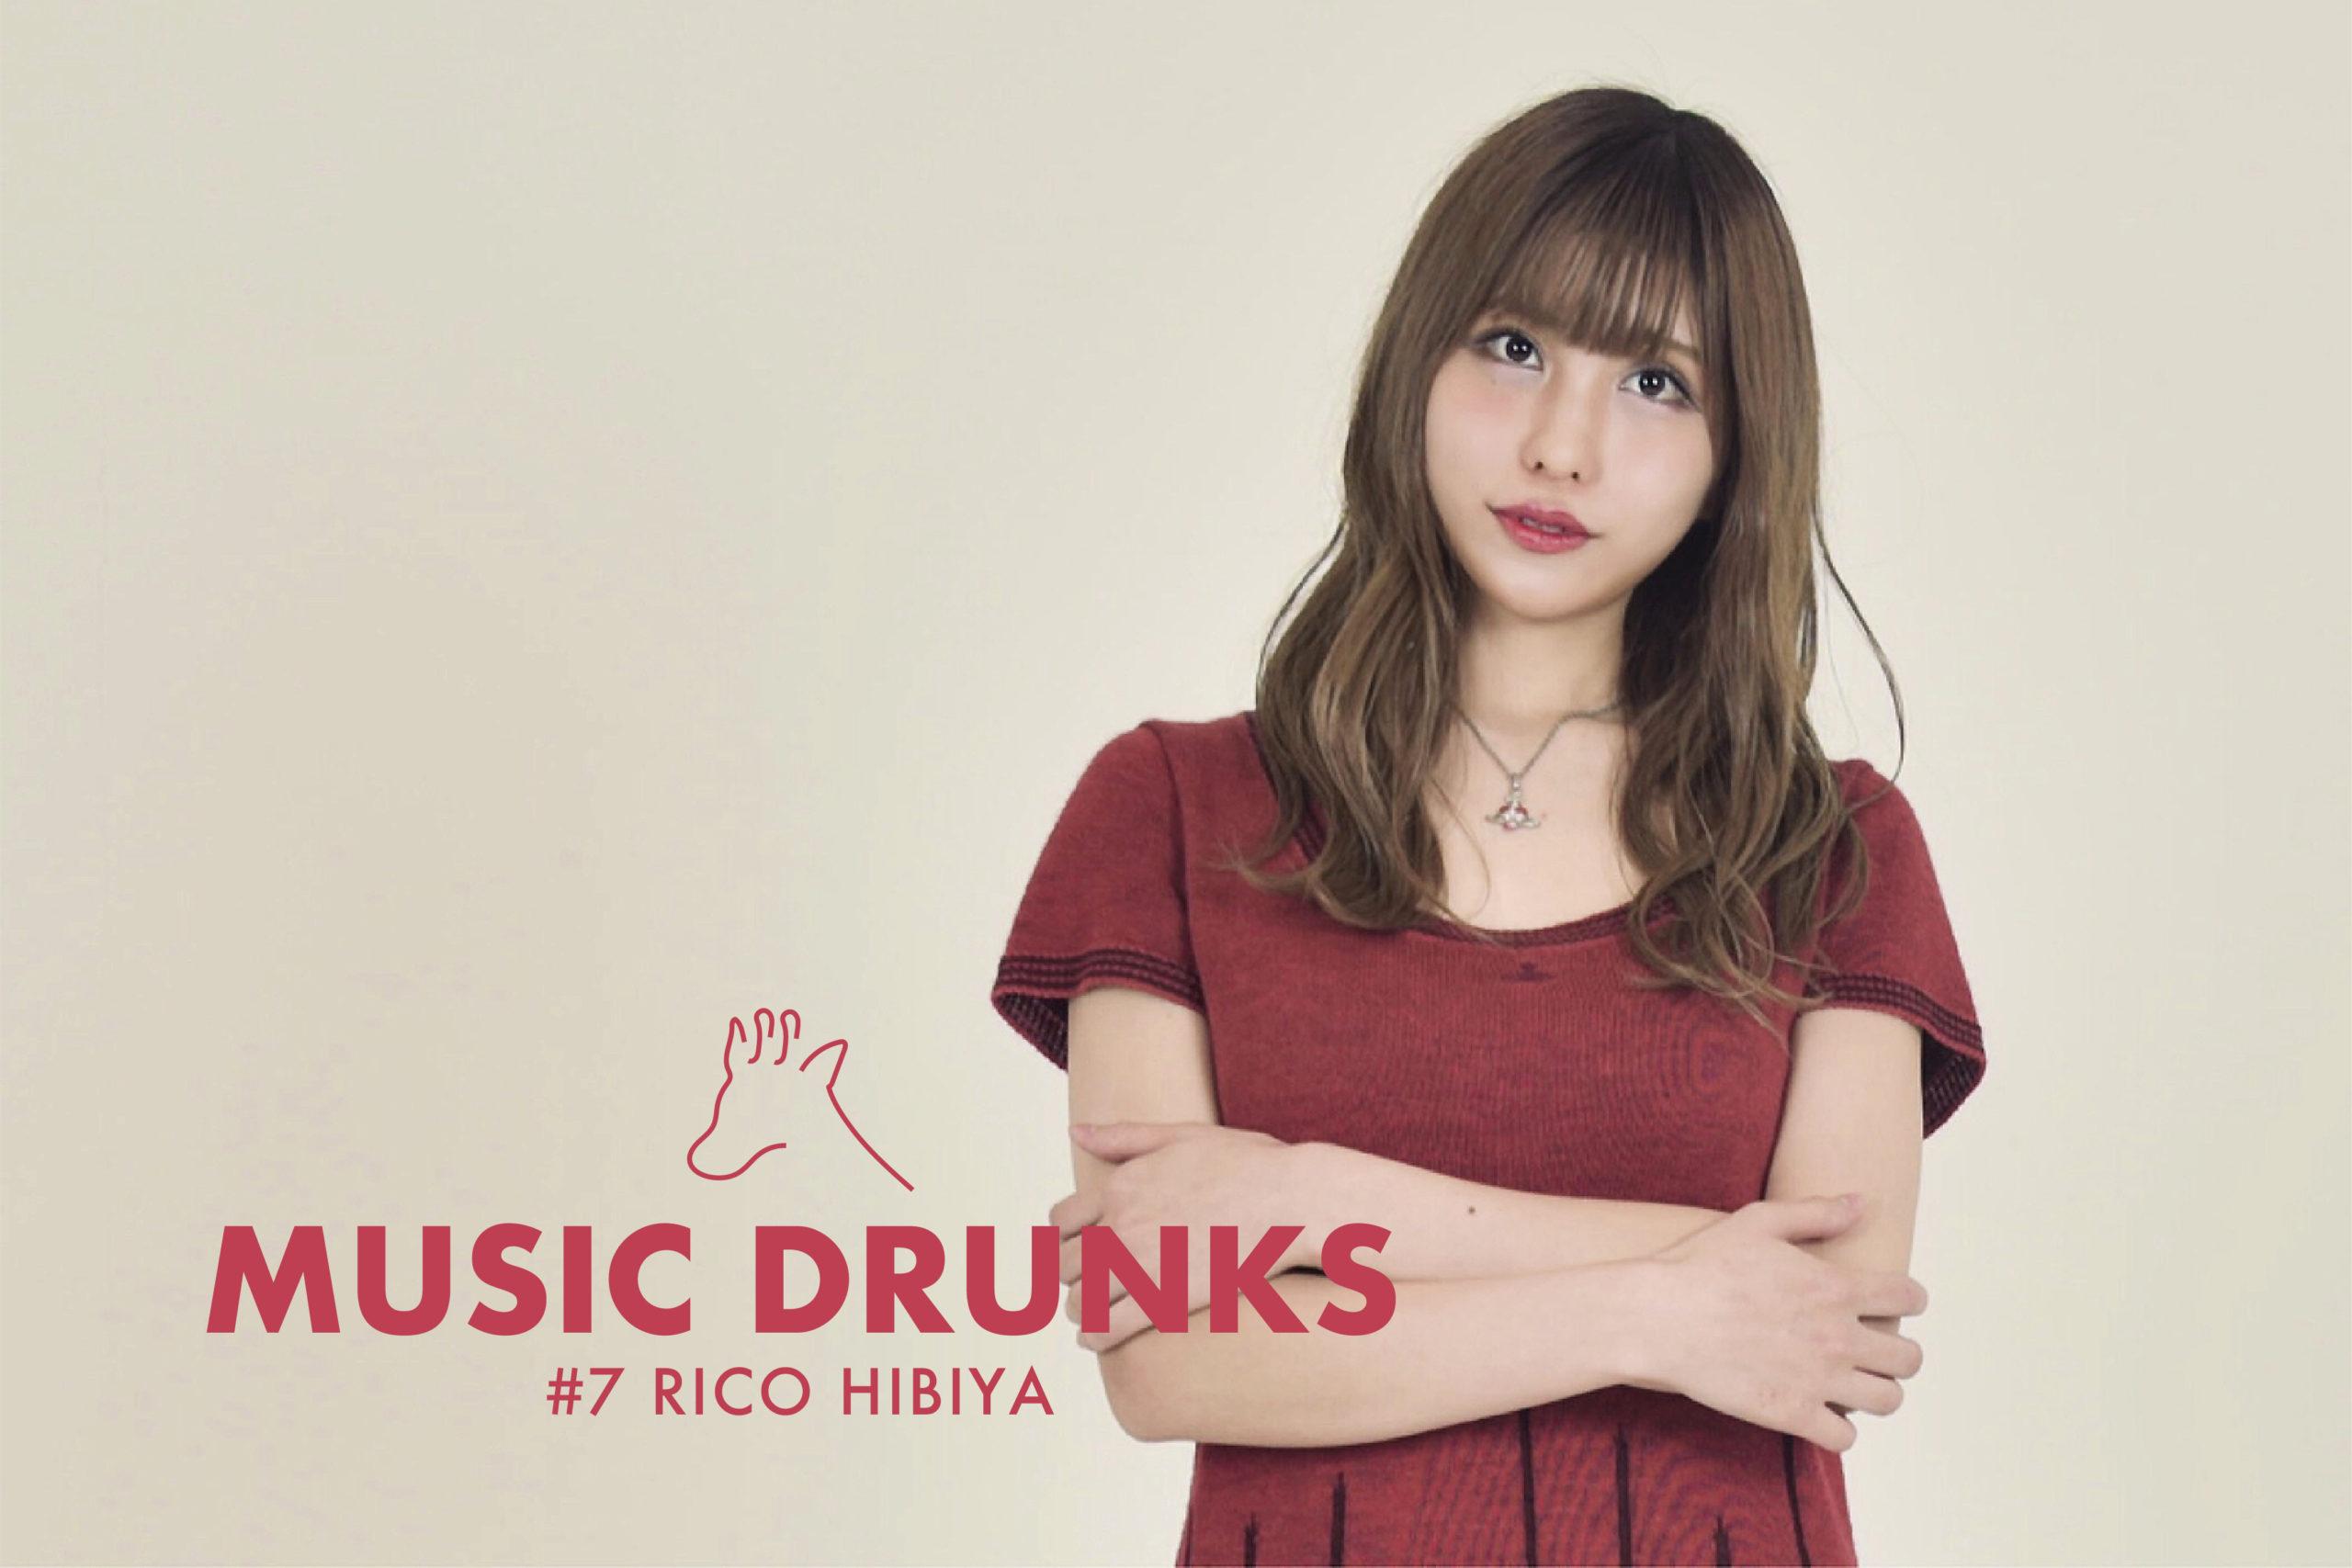 「【MUSIC DRUNKS #7】シンガーソングライター・日比谷りこ / 昭和レトロを愛し「ネオ歌謡」を歌う大学生シンガー」のアイキャッチ画像